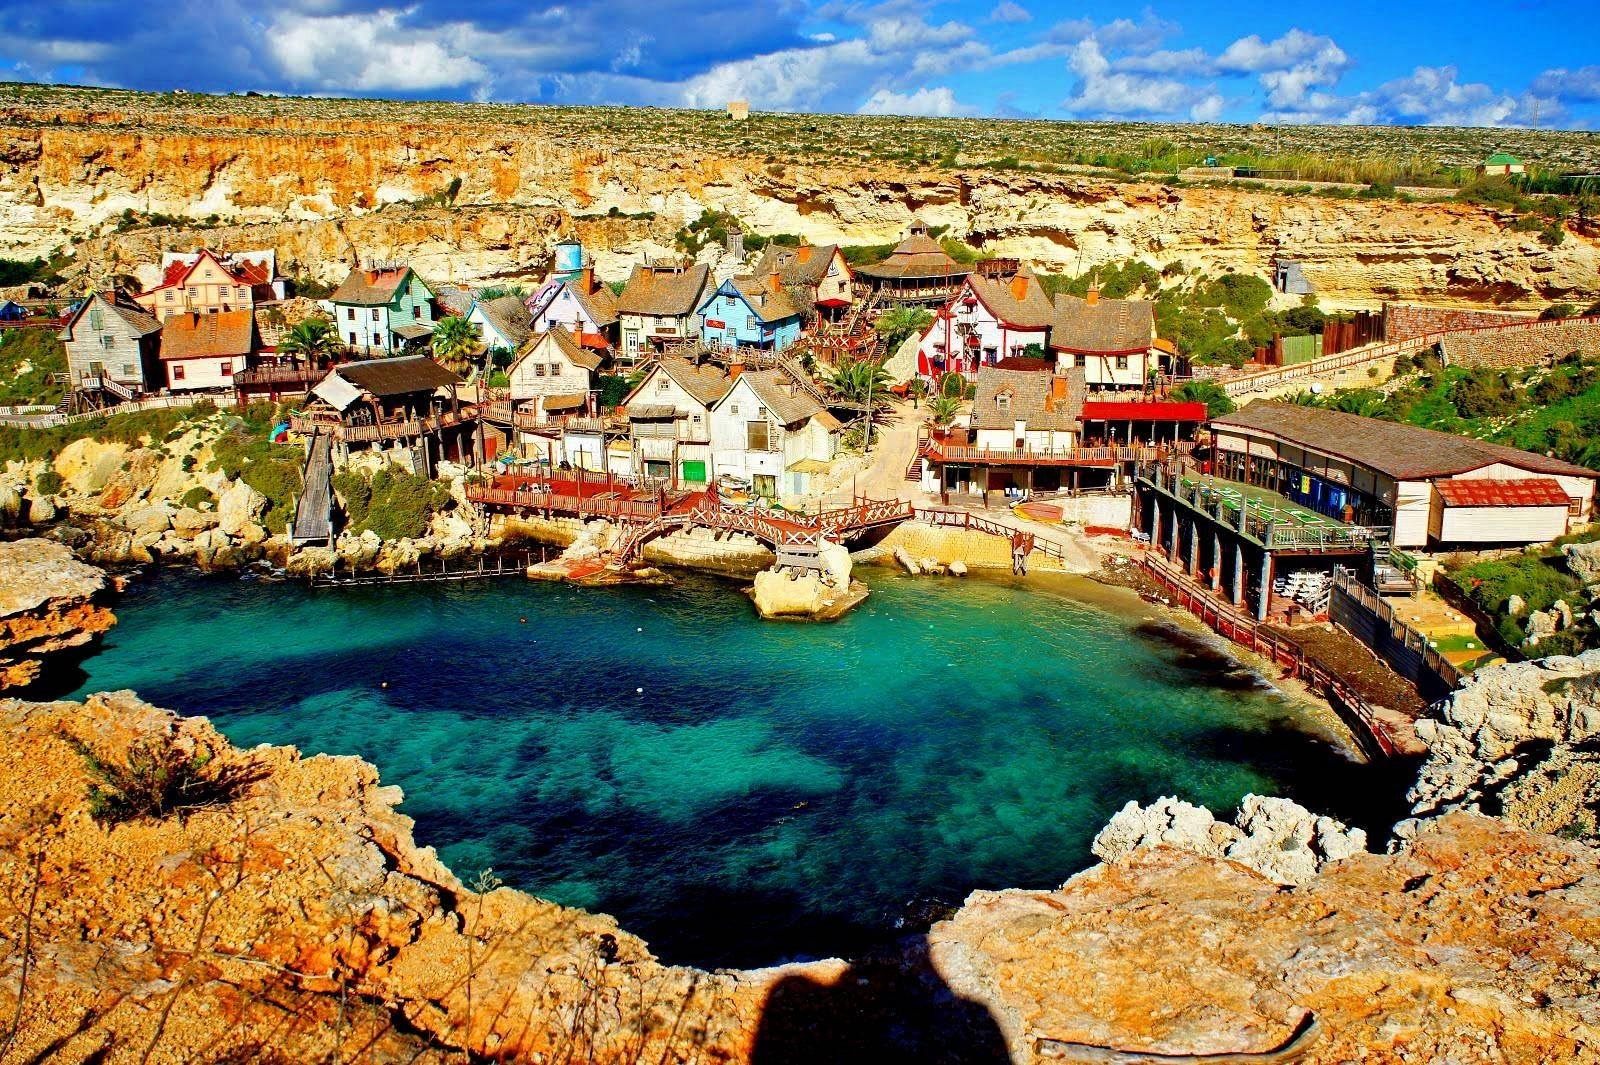 Orașul Popeye, Malta